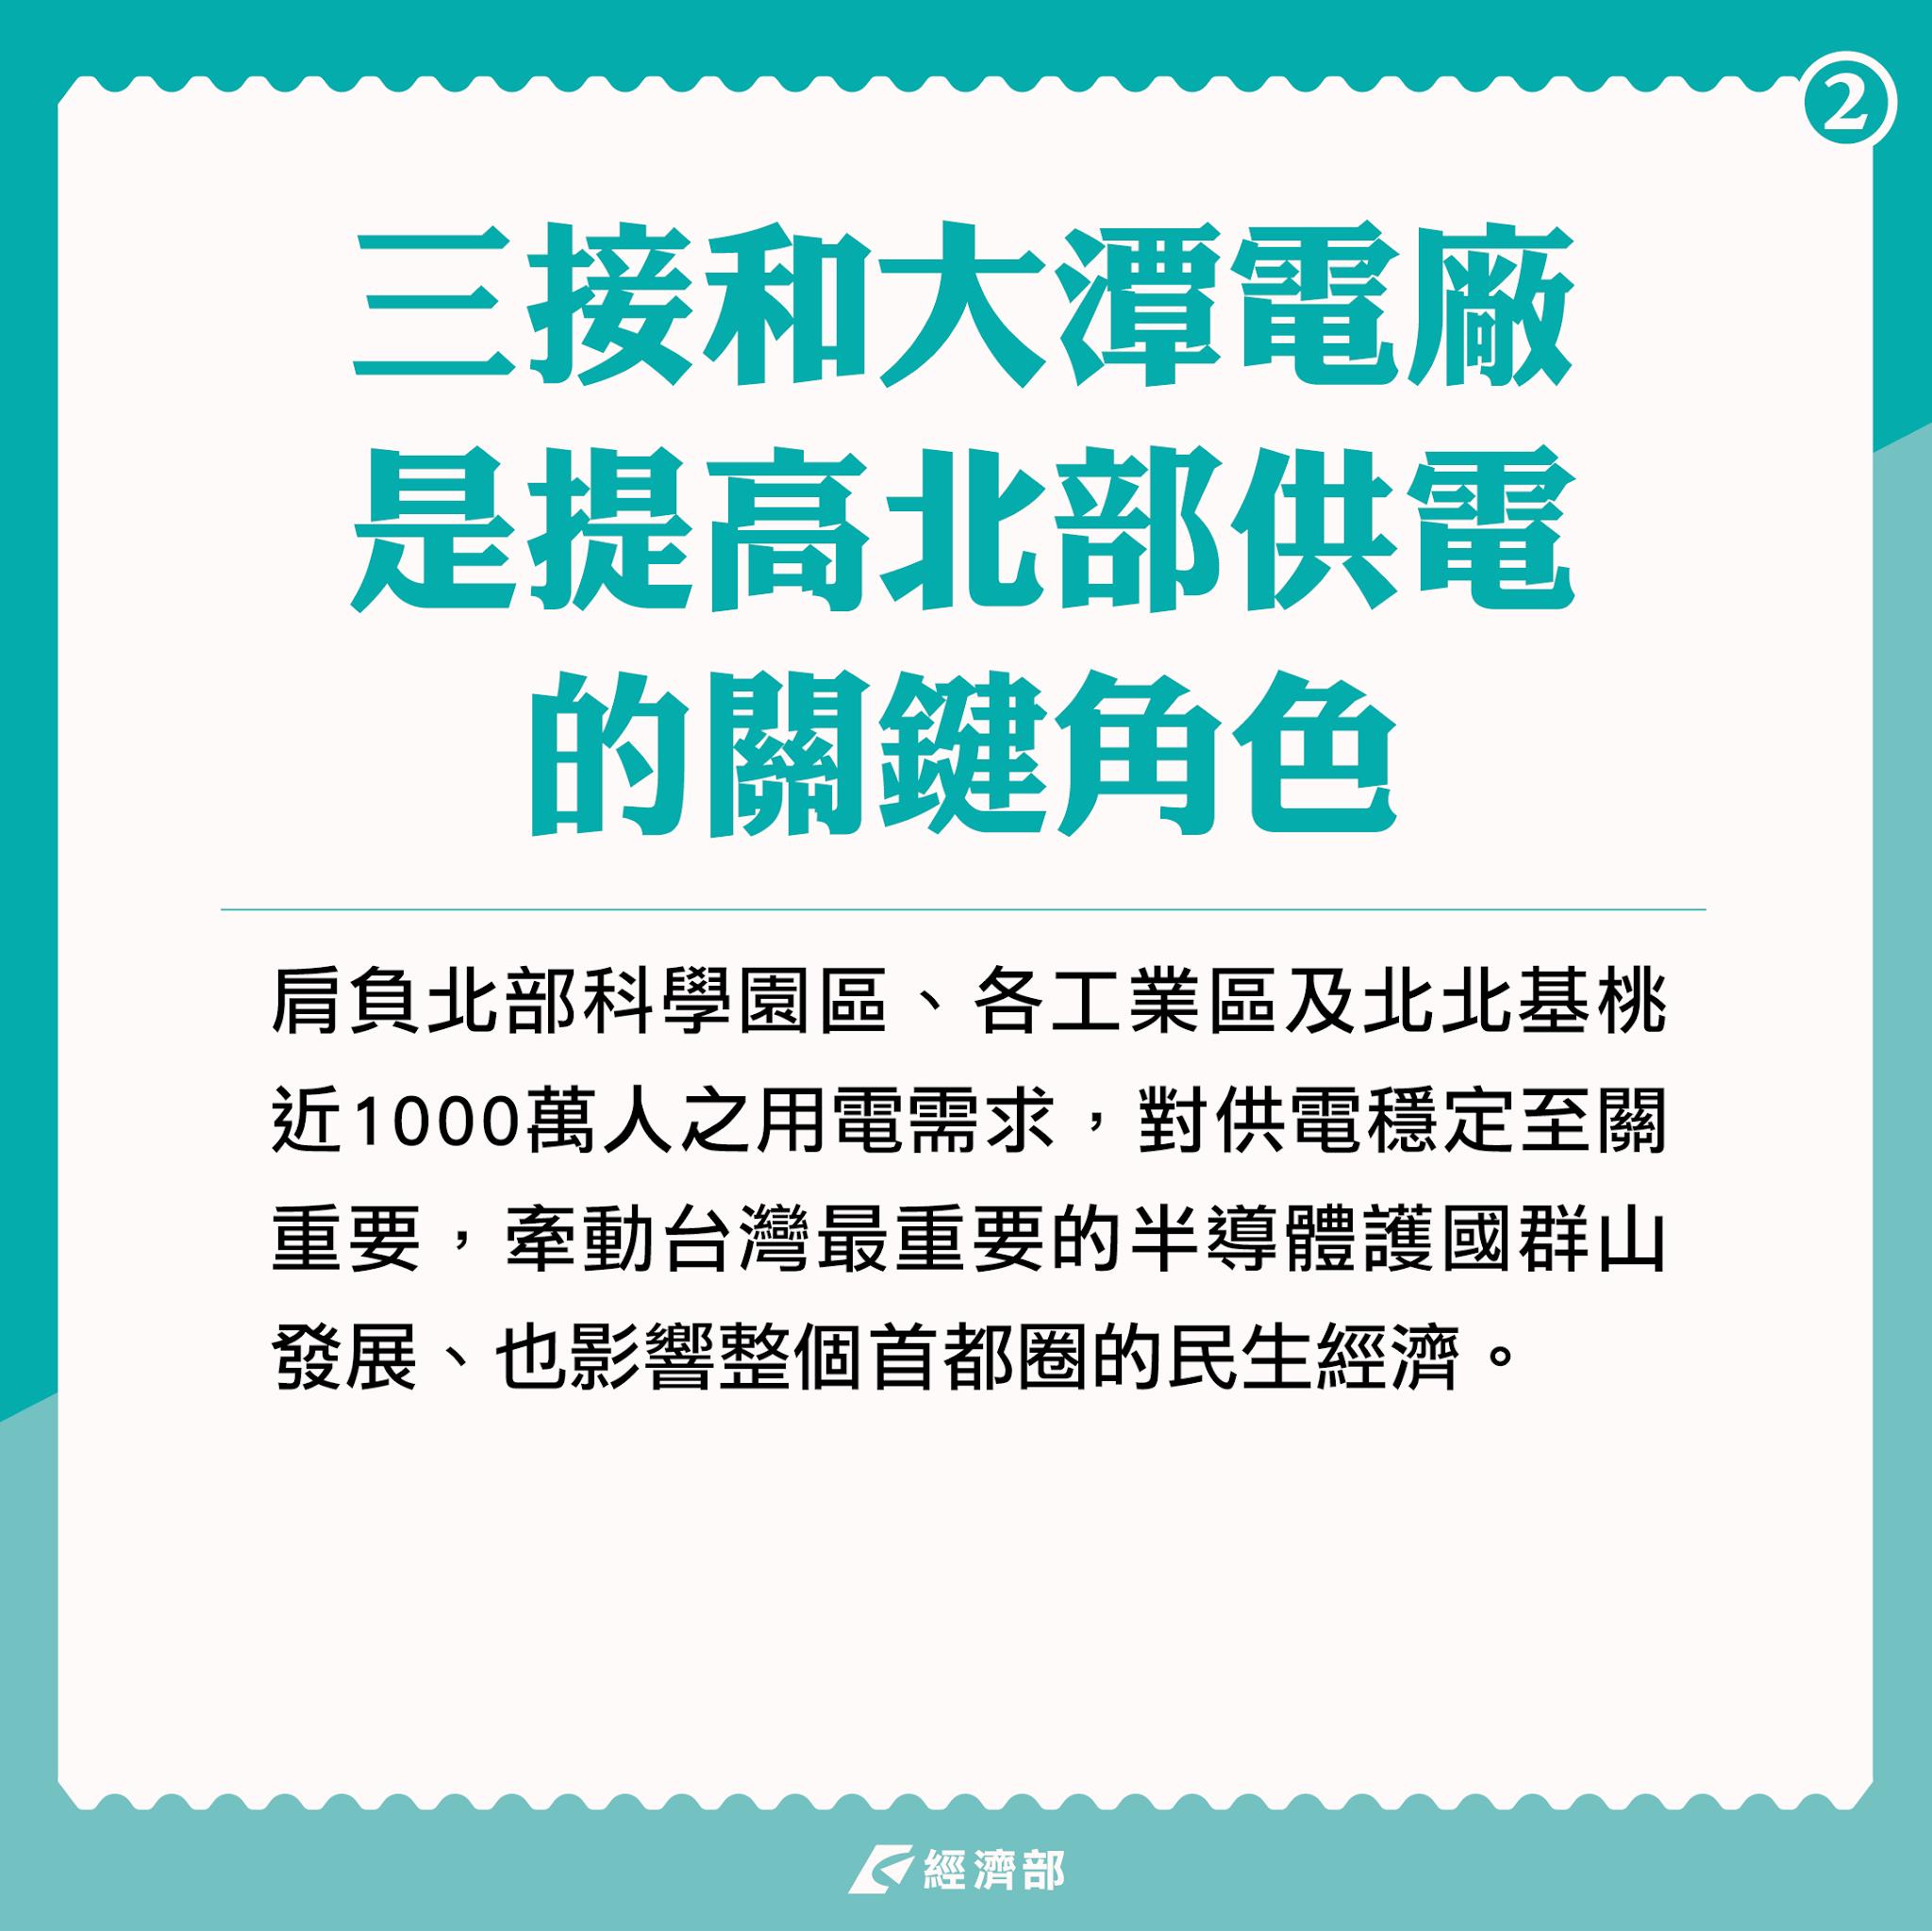 三接和大潭電廠是提高北部供電的關鍵角色